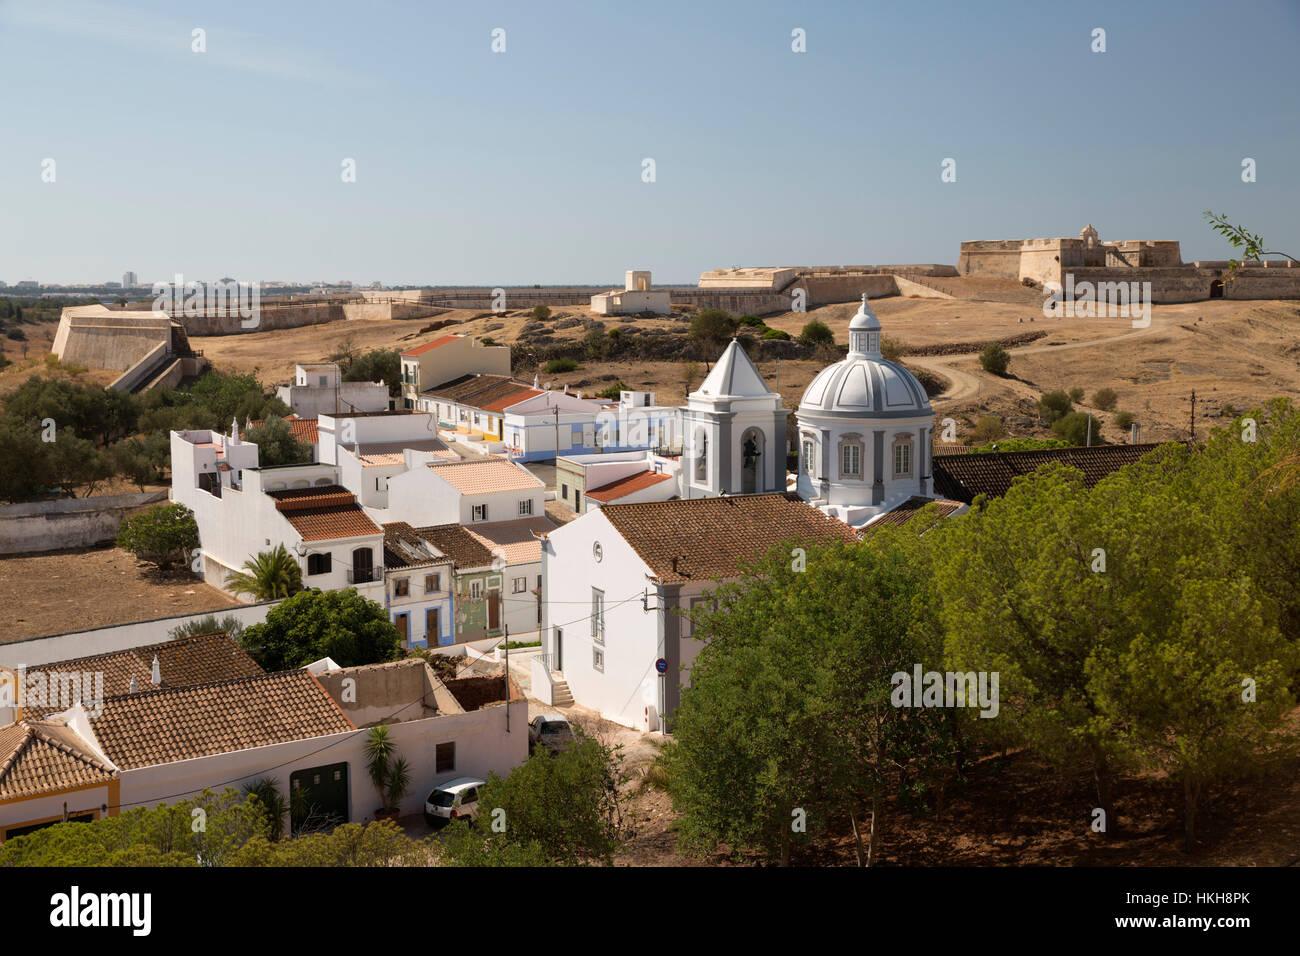 View over white town and 17th century Fortaleza de Sao Sebastiao castle, Castro Marim, Algarve, Portugal, Europe - Stock Image